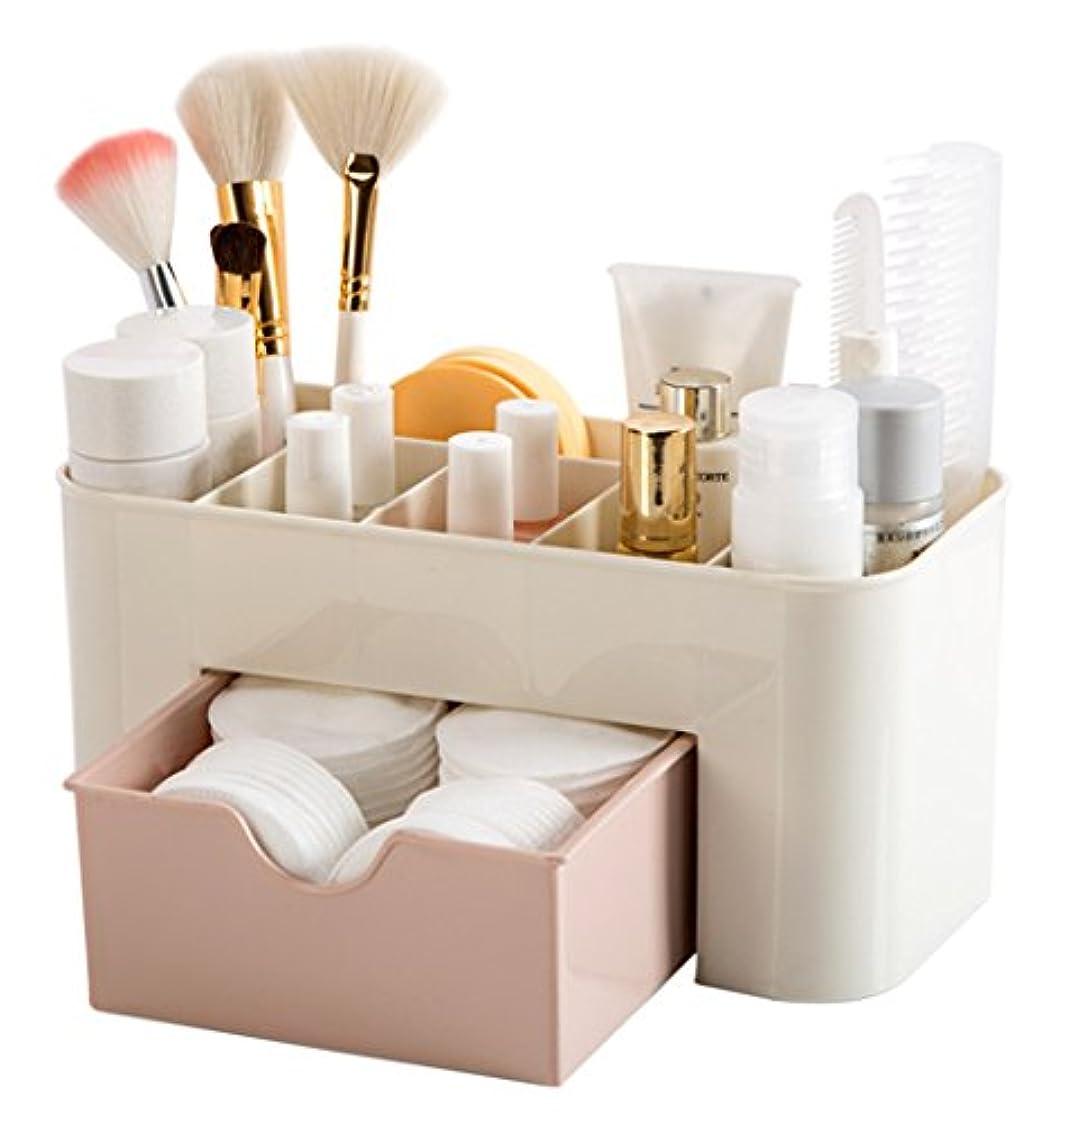 テンポ動力学最少ZUOMA メークボックス 化粧品収納ボックス コスメスタンド 引き出し式 メークケース 小物/化粧品入れ コスメ収納 透明アクリル 大容量 (ピンク、22*10*10.3CM)